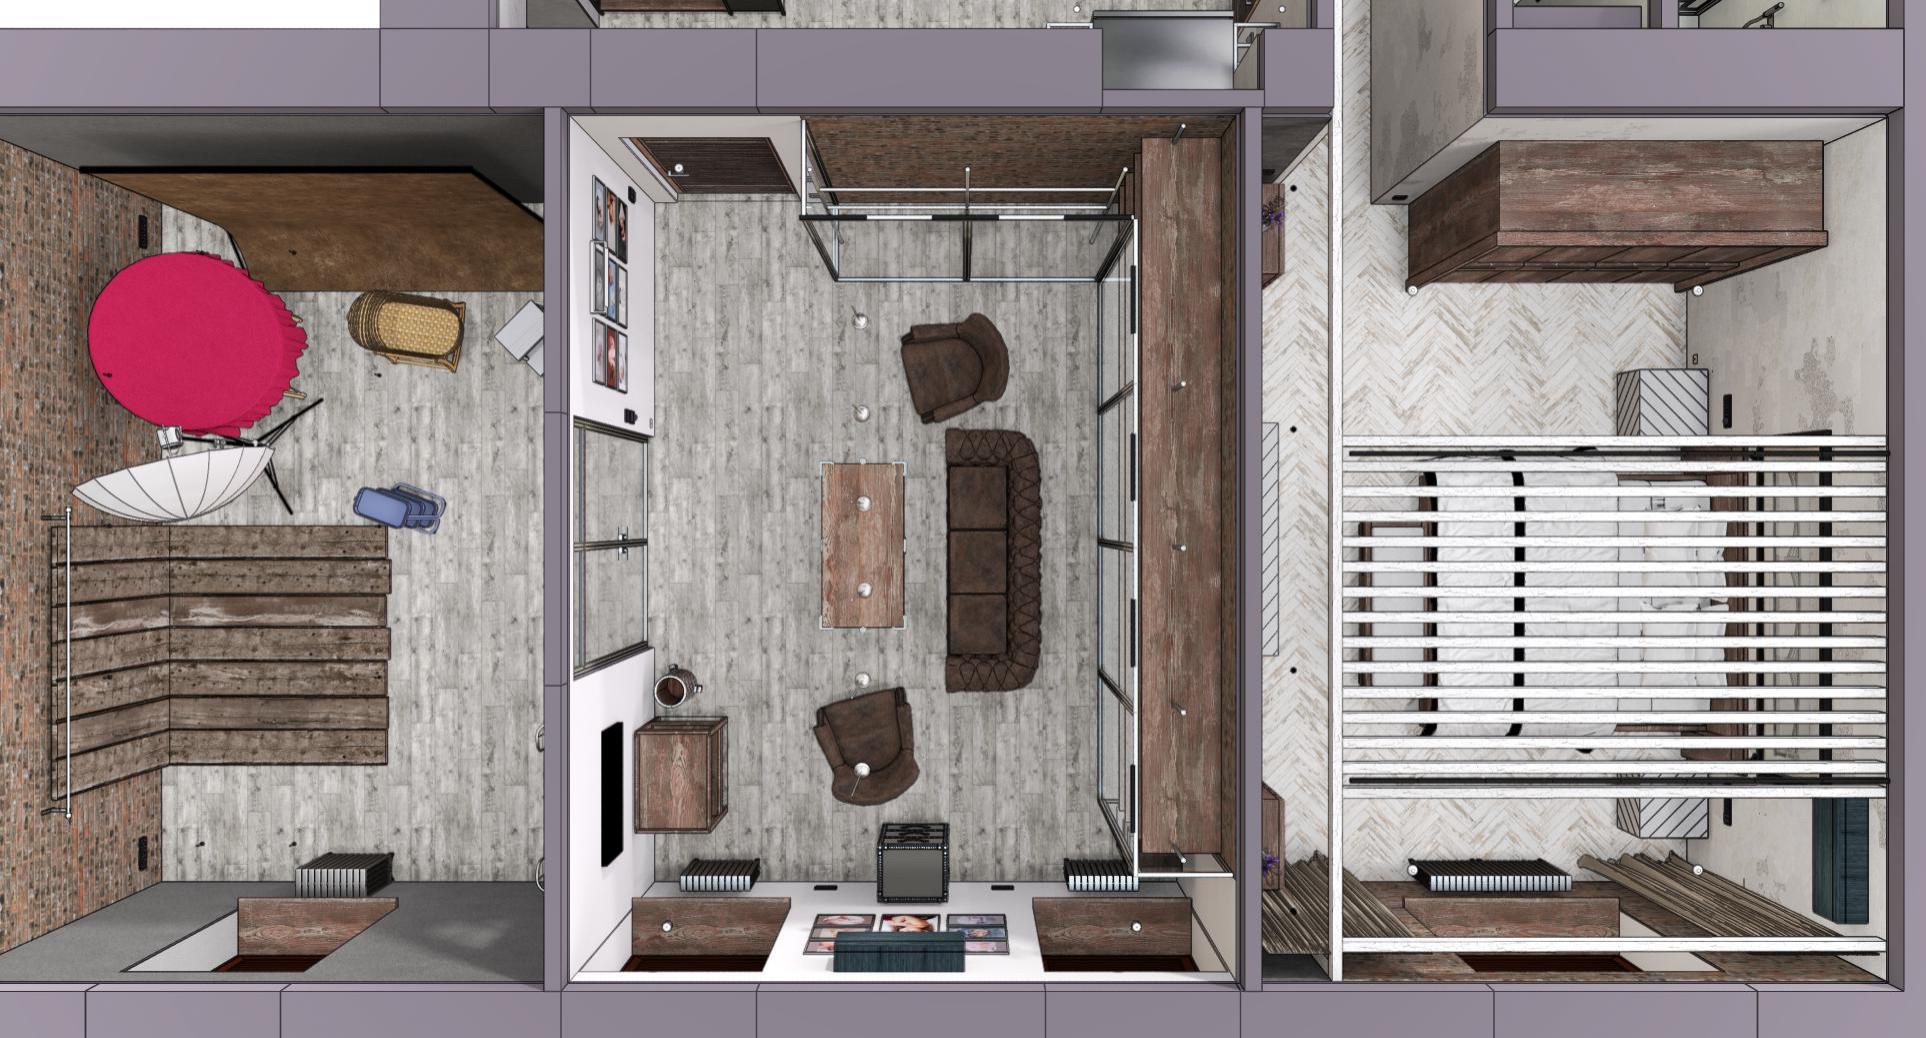 Квартира в Москве в стиле лофт, помещение фотостудии. 2020 г.